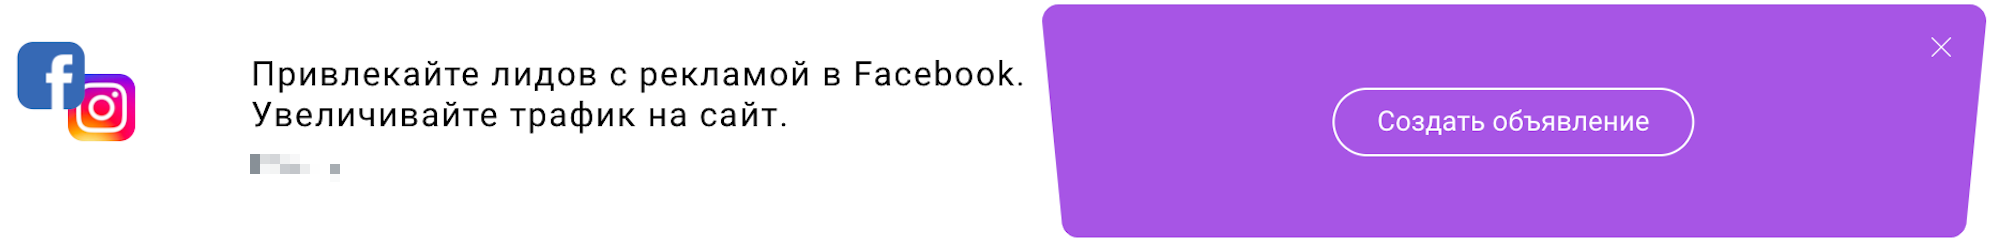 Объявление Facebook в воронке Autofunnel.